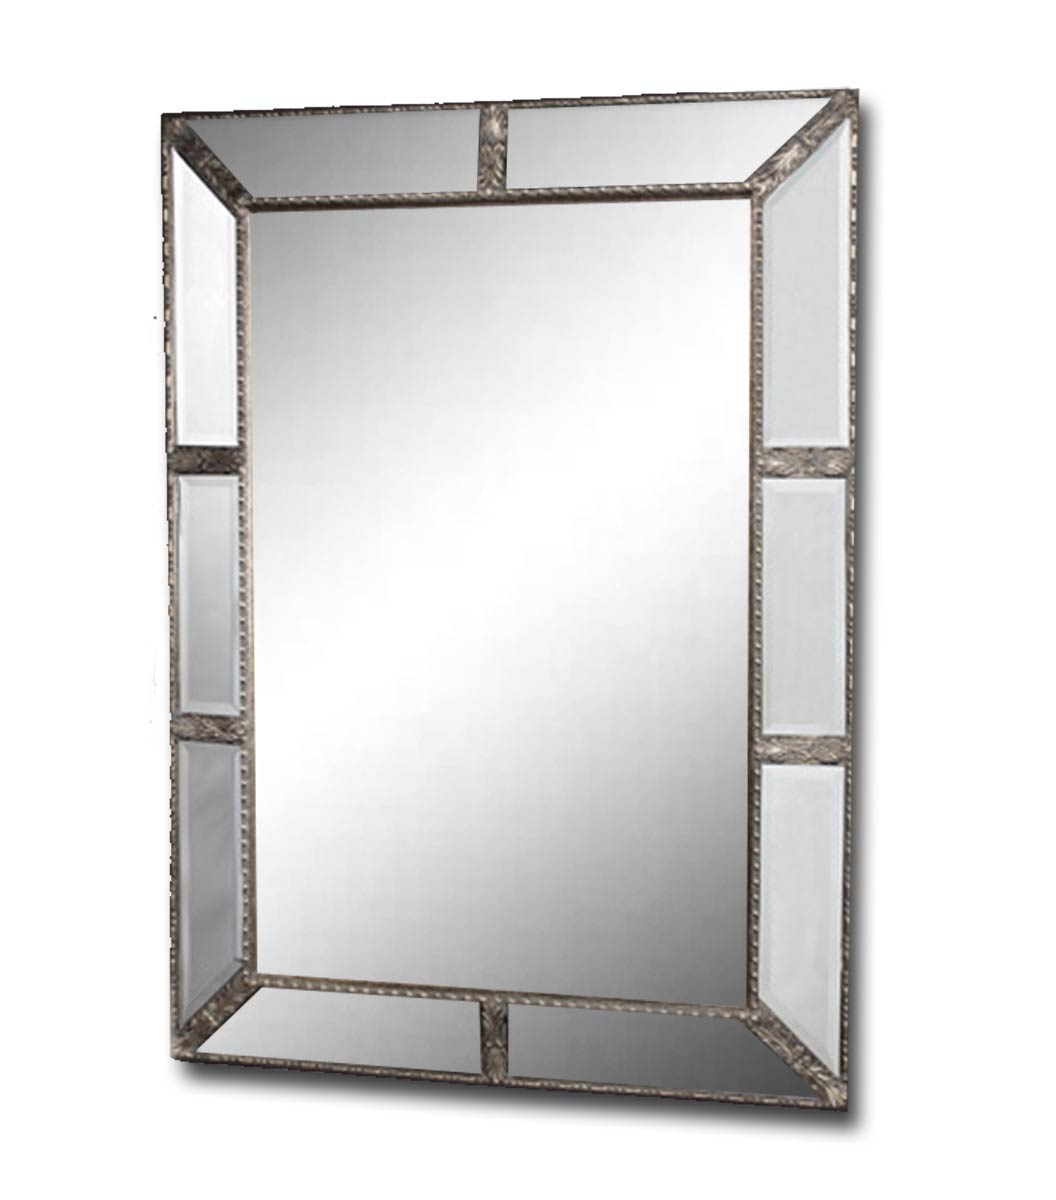 Ultimate Accents Marbella Mirrored Mirror 10103mi At